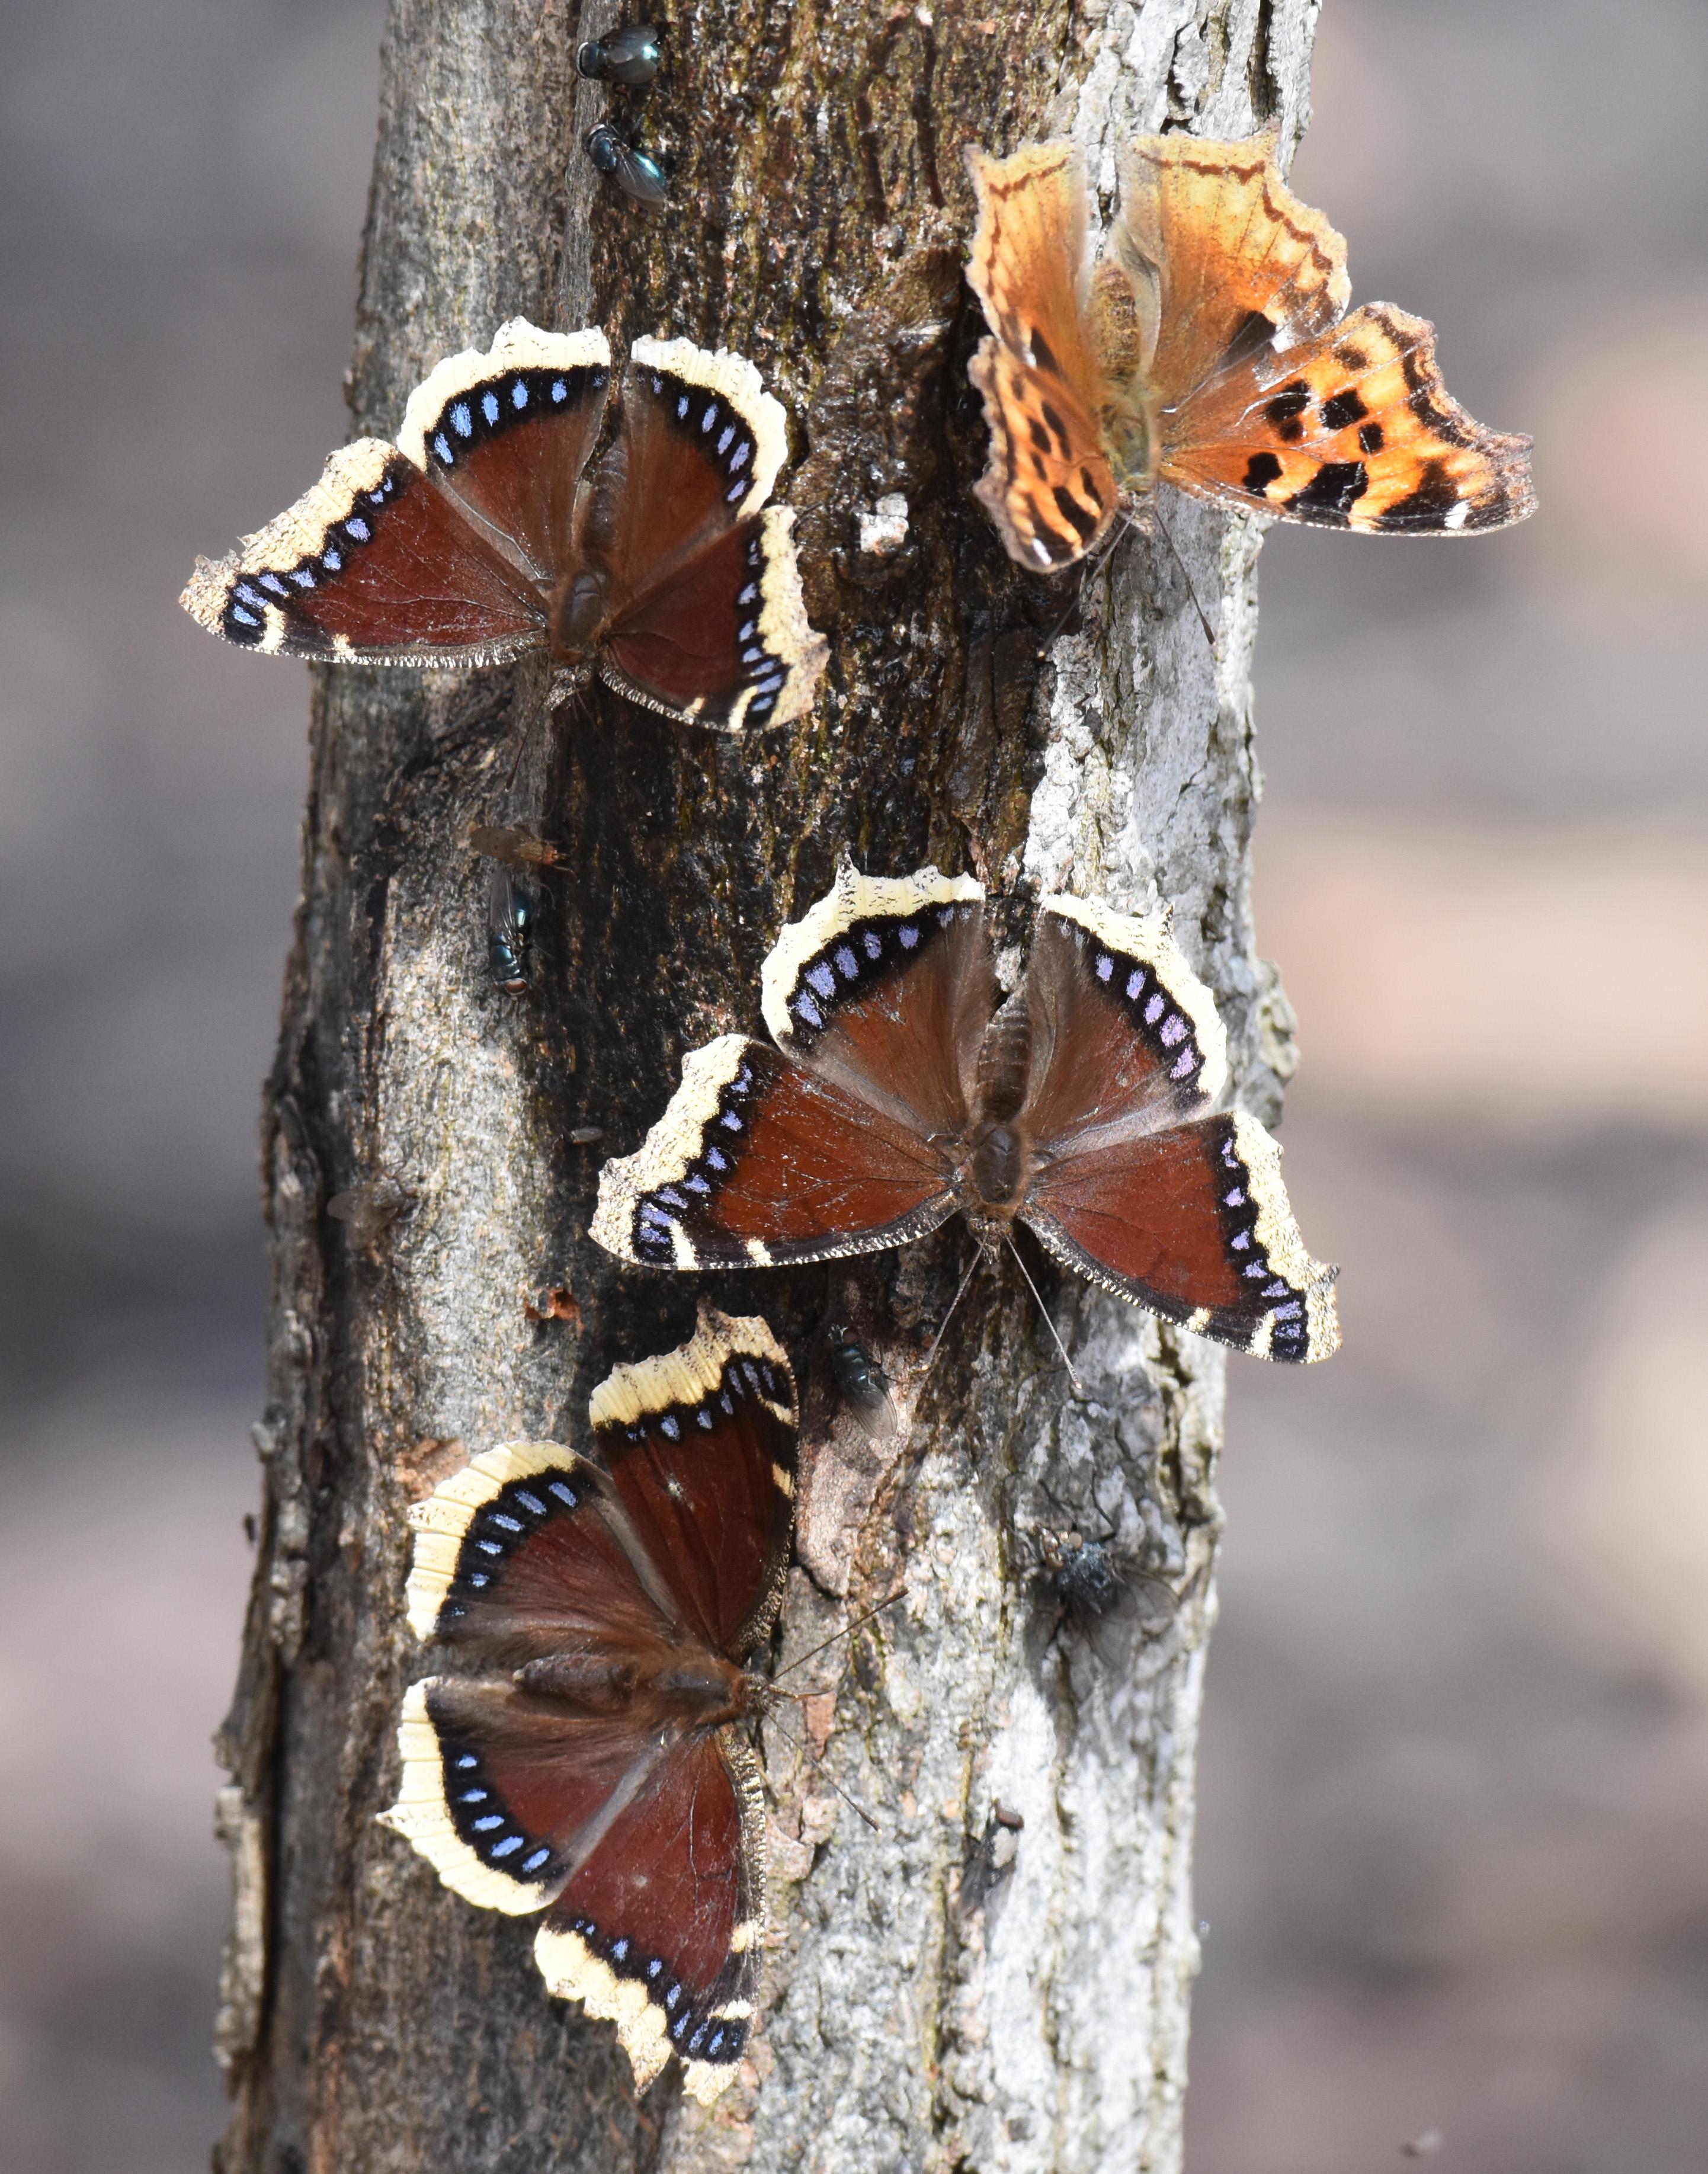 Photo of Mourning Cloaks 3 Compton Tortoiseshell April 5 Sap on NaturalCrooksDotCom